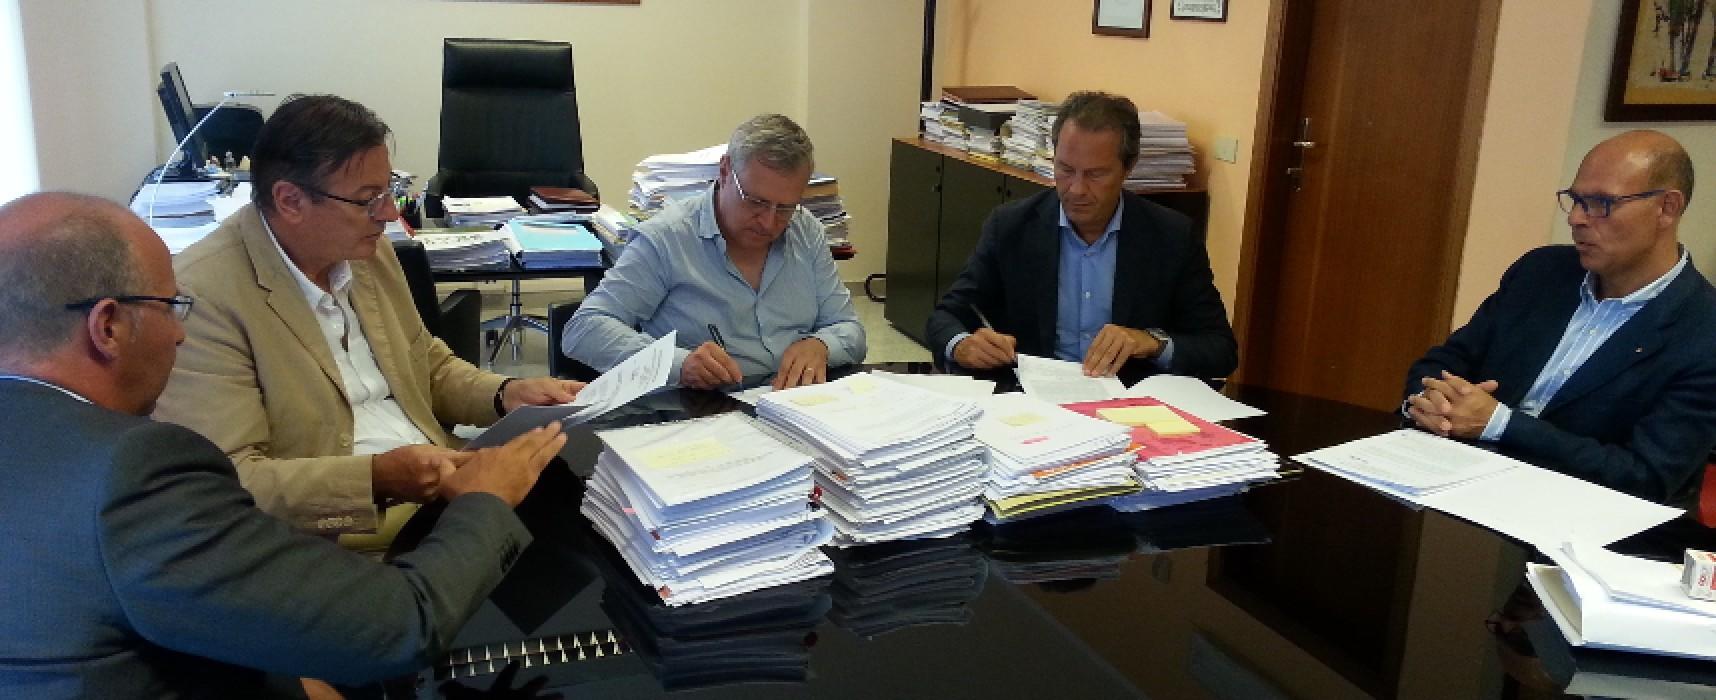 Firmata convenzione tra Asl e Provincia Bat per l'inserimento lavorativo dei soggetti disabili